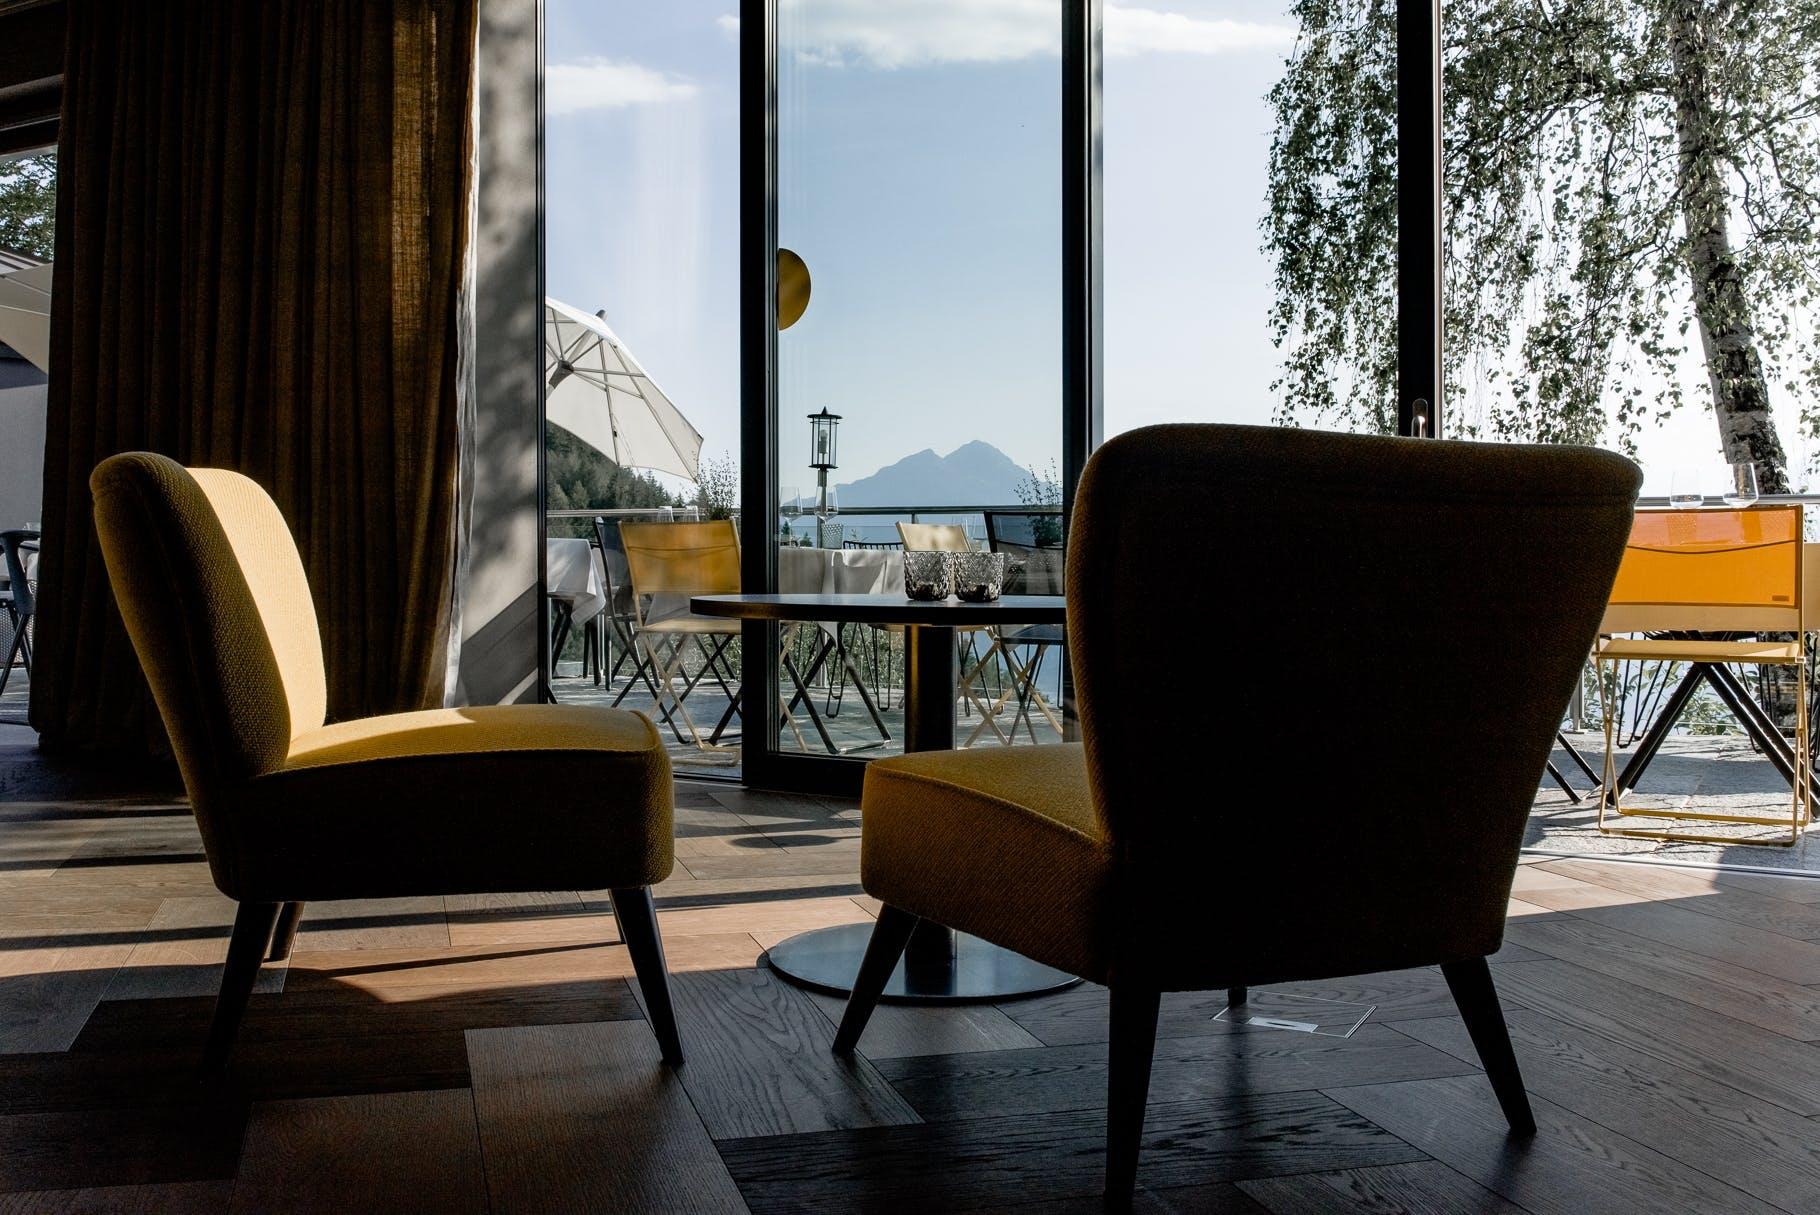 Luksus Hotel Restaurant udsigt